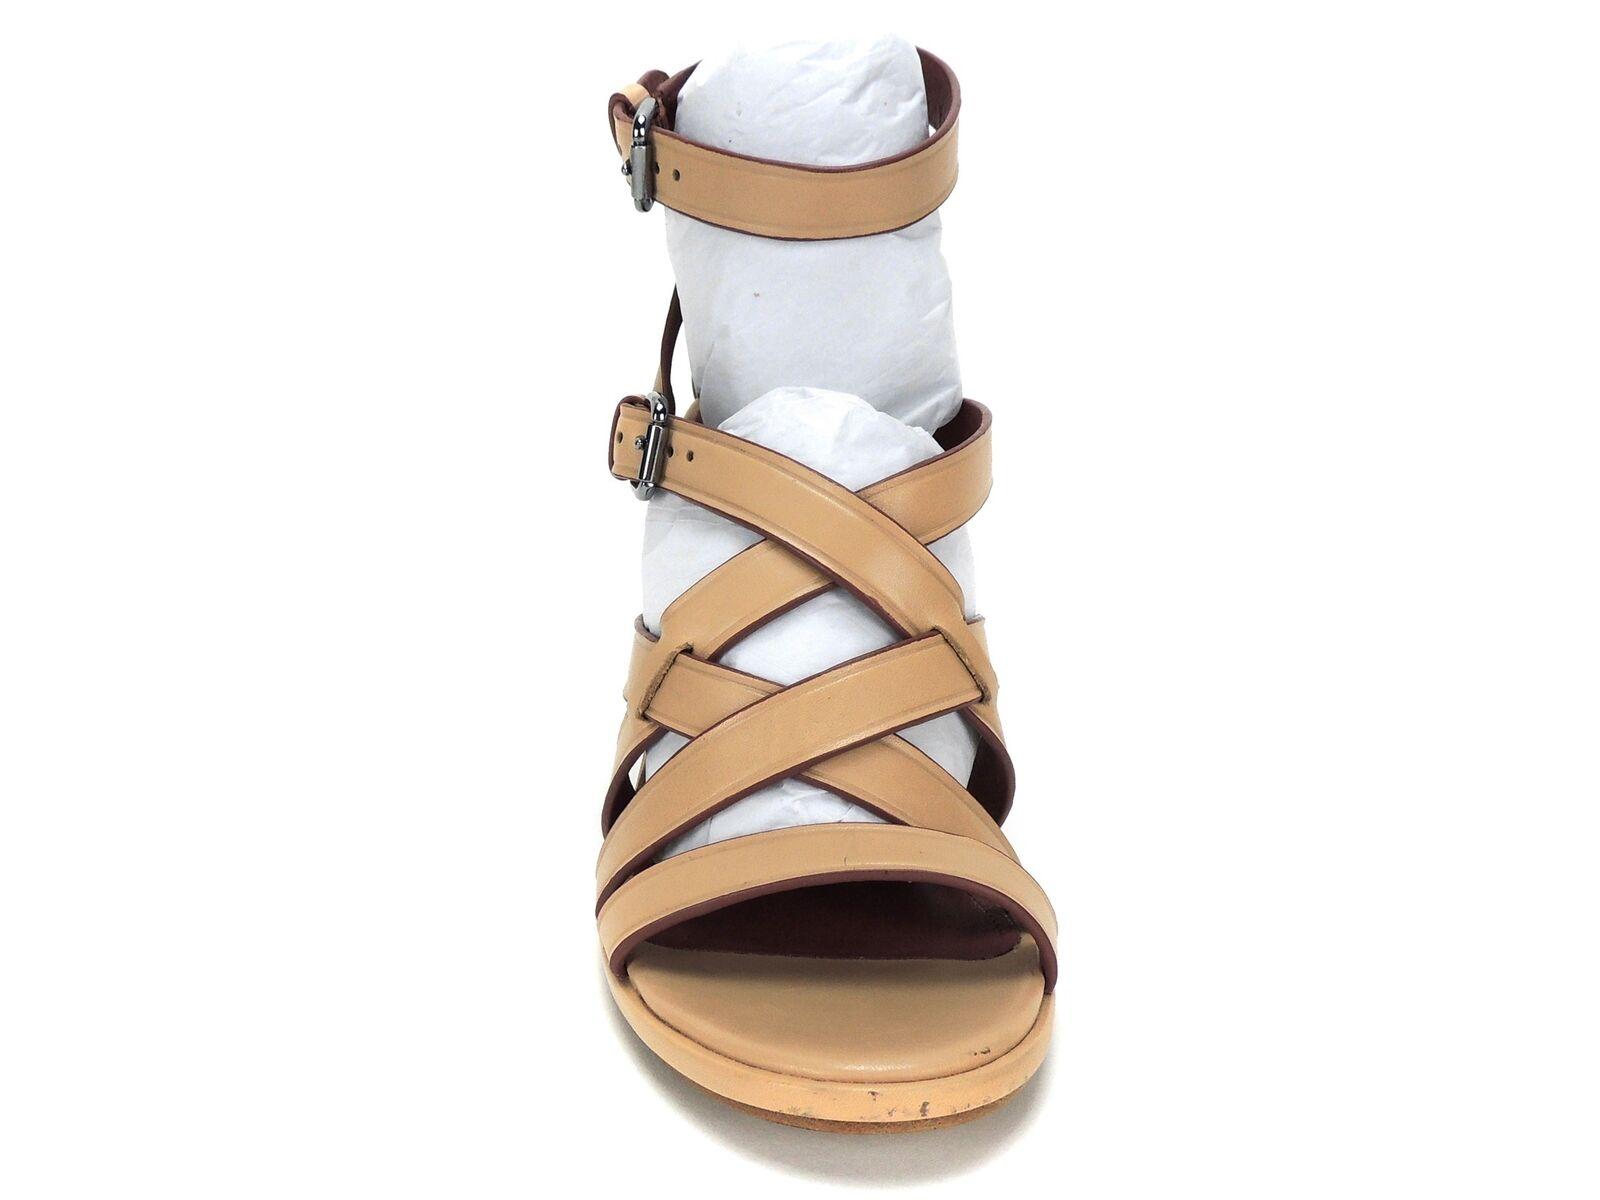 Entrenador De Mujer Mujer Mujer Sandalias de cuña con tiras amanecer Suave Veg Cuero Madera de Haya tamaño 9 M bcbcd2